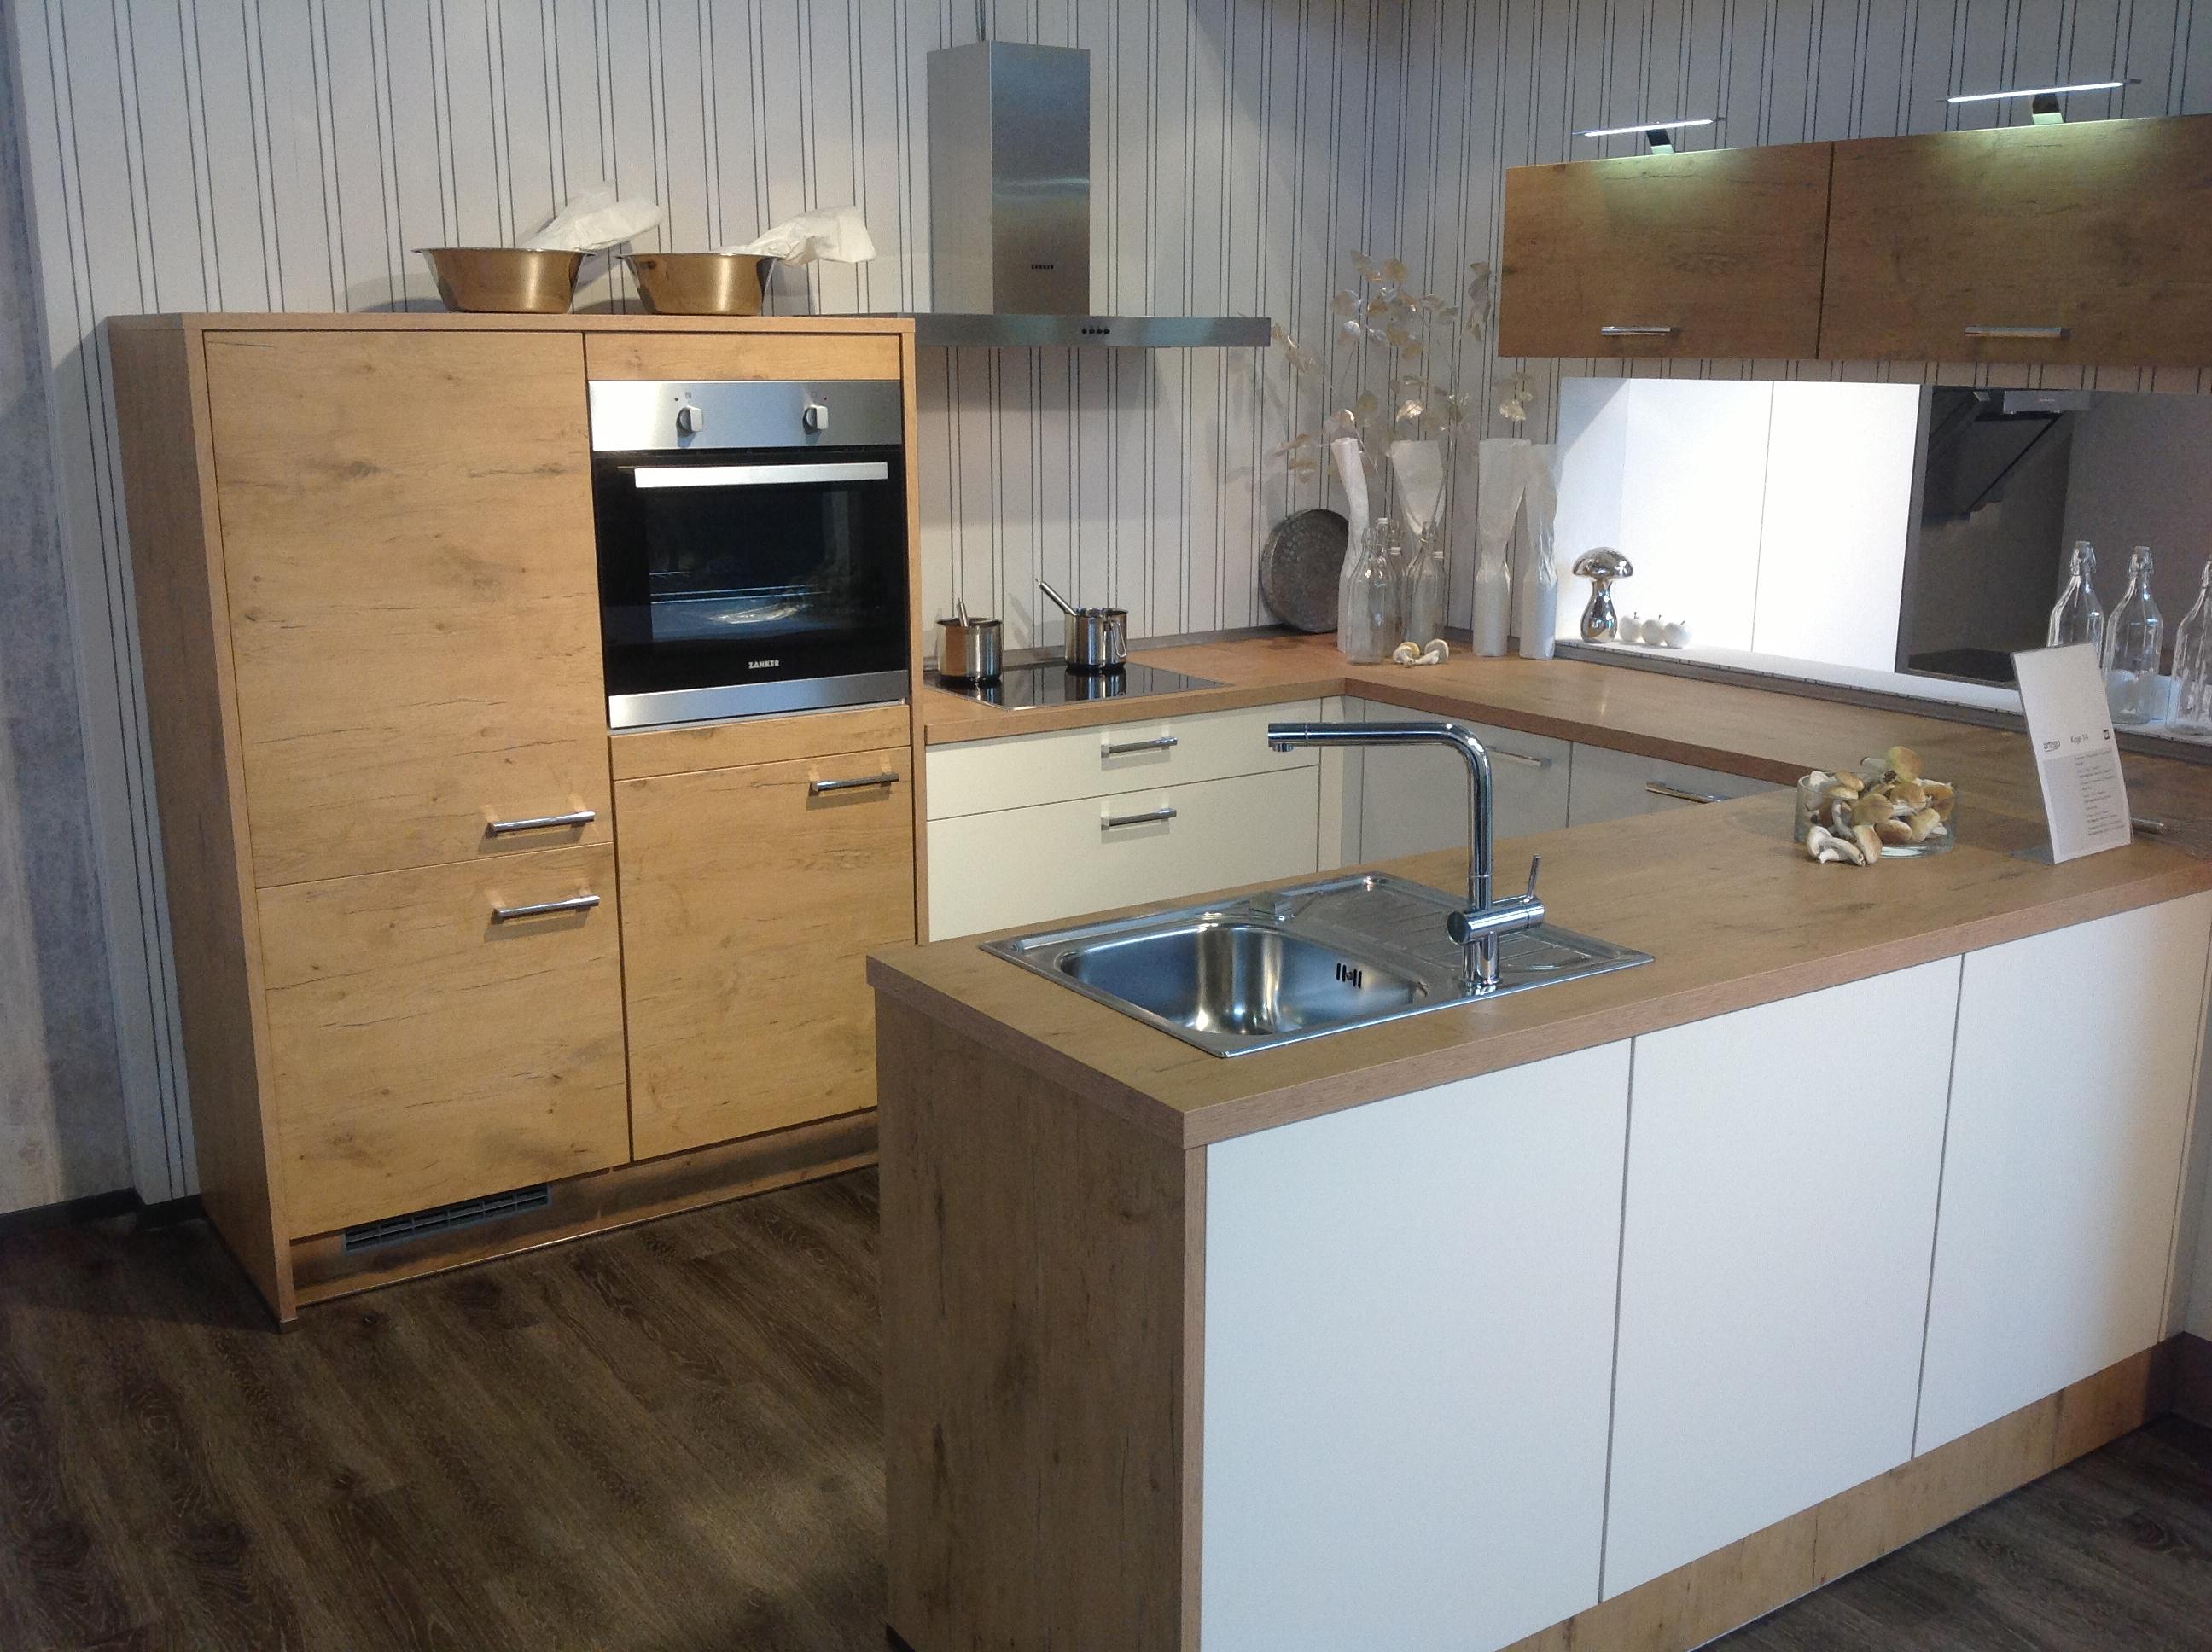 k che k che mit wei en castell eichen fronten 08. Black Bedroom Furniture Sets. Home Design Ideas